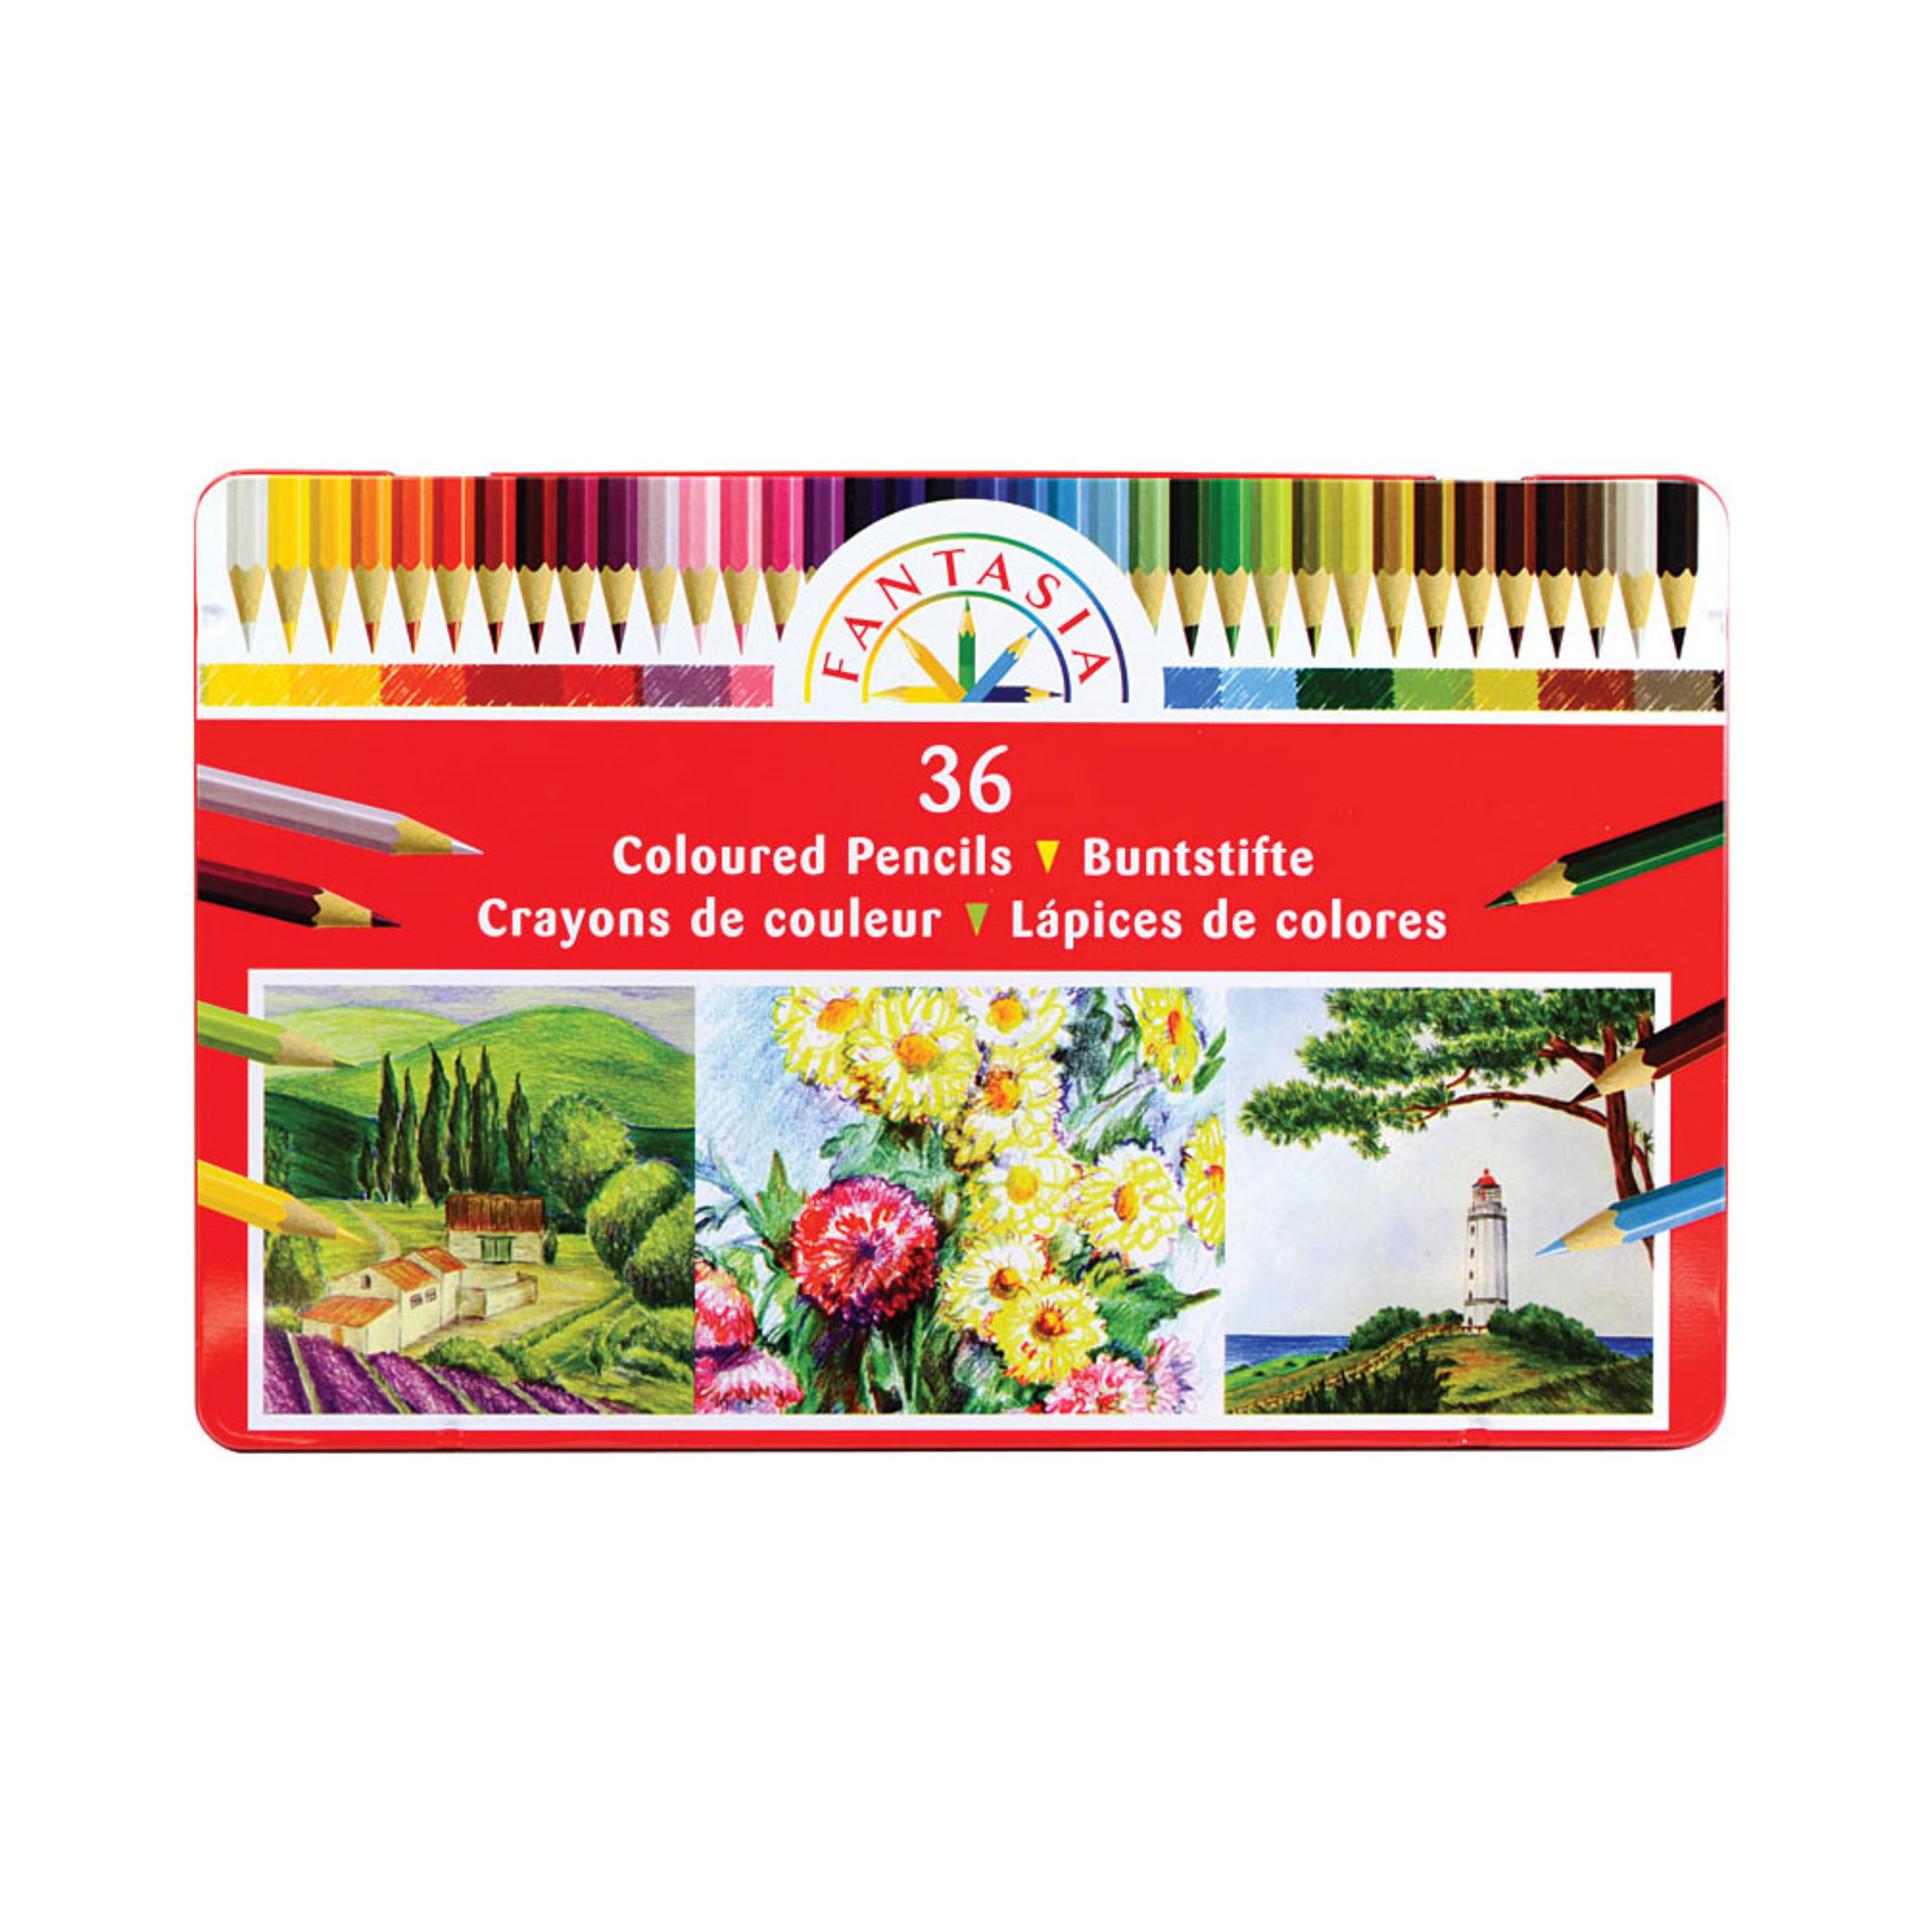 Fantasia Colored Pencil Set 36